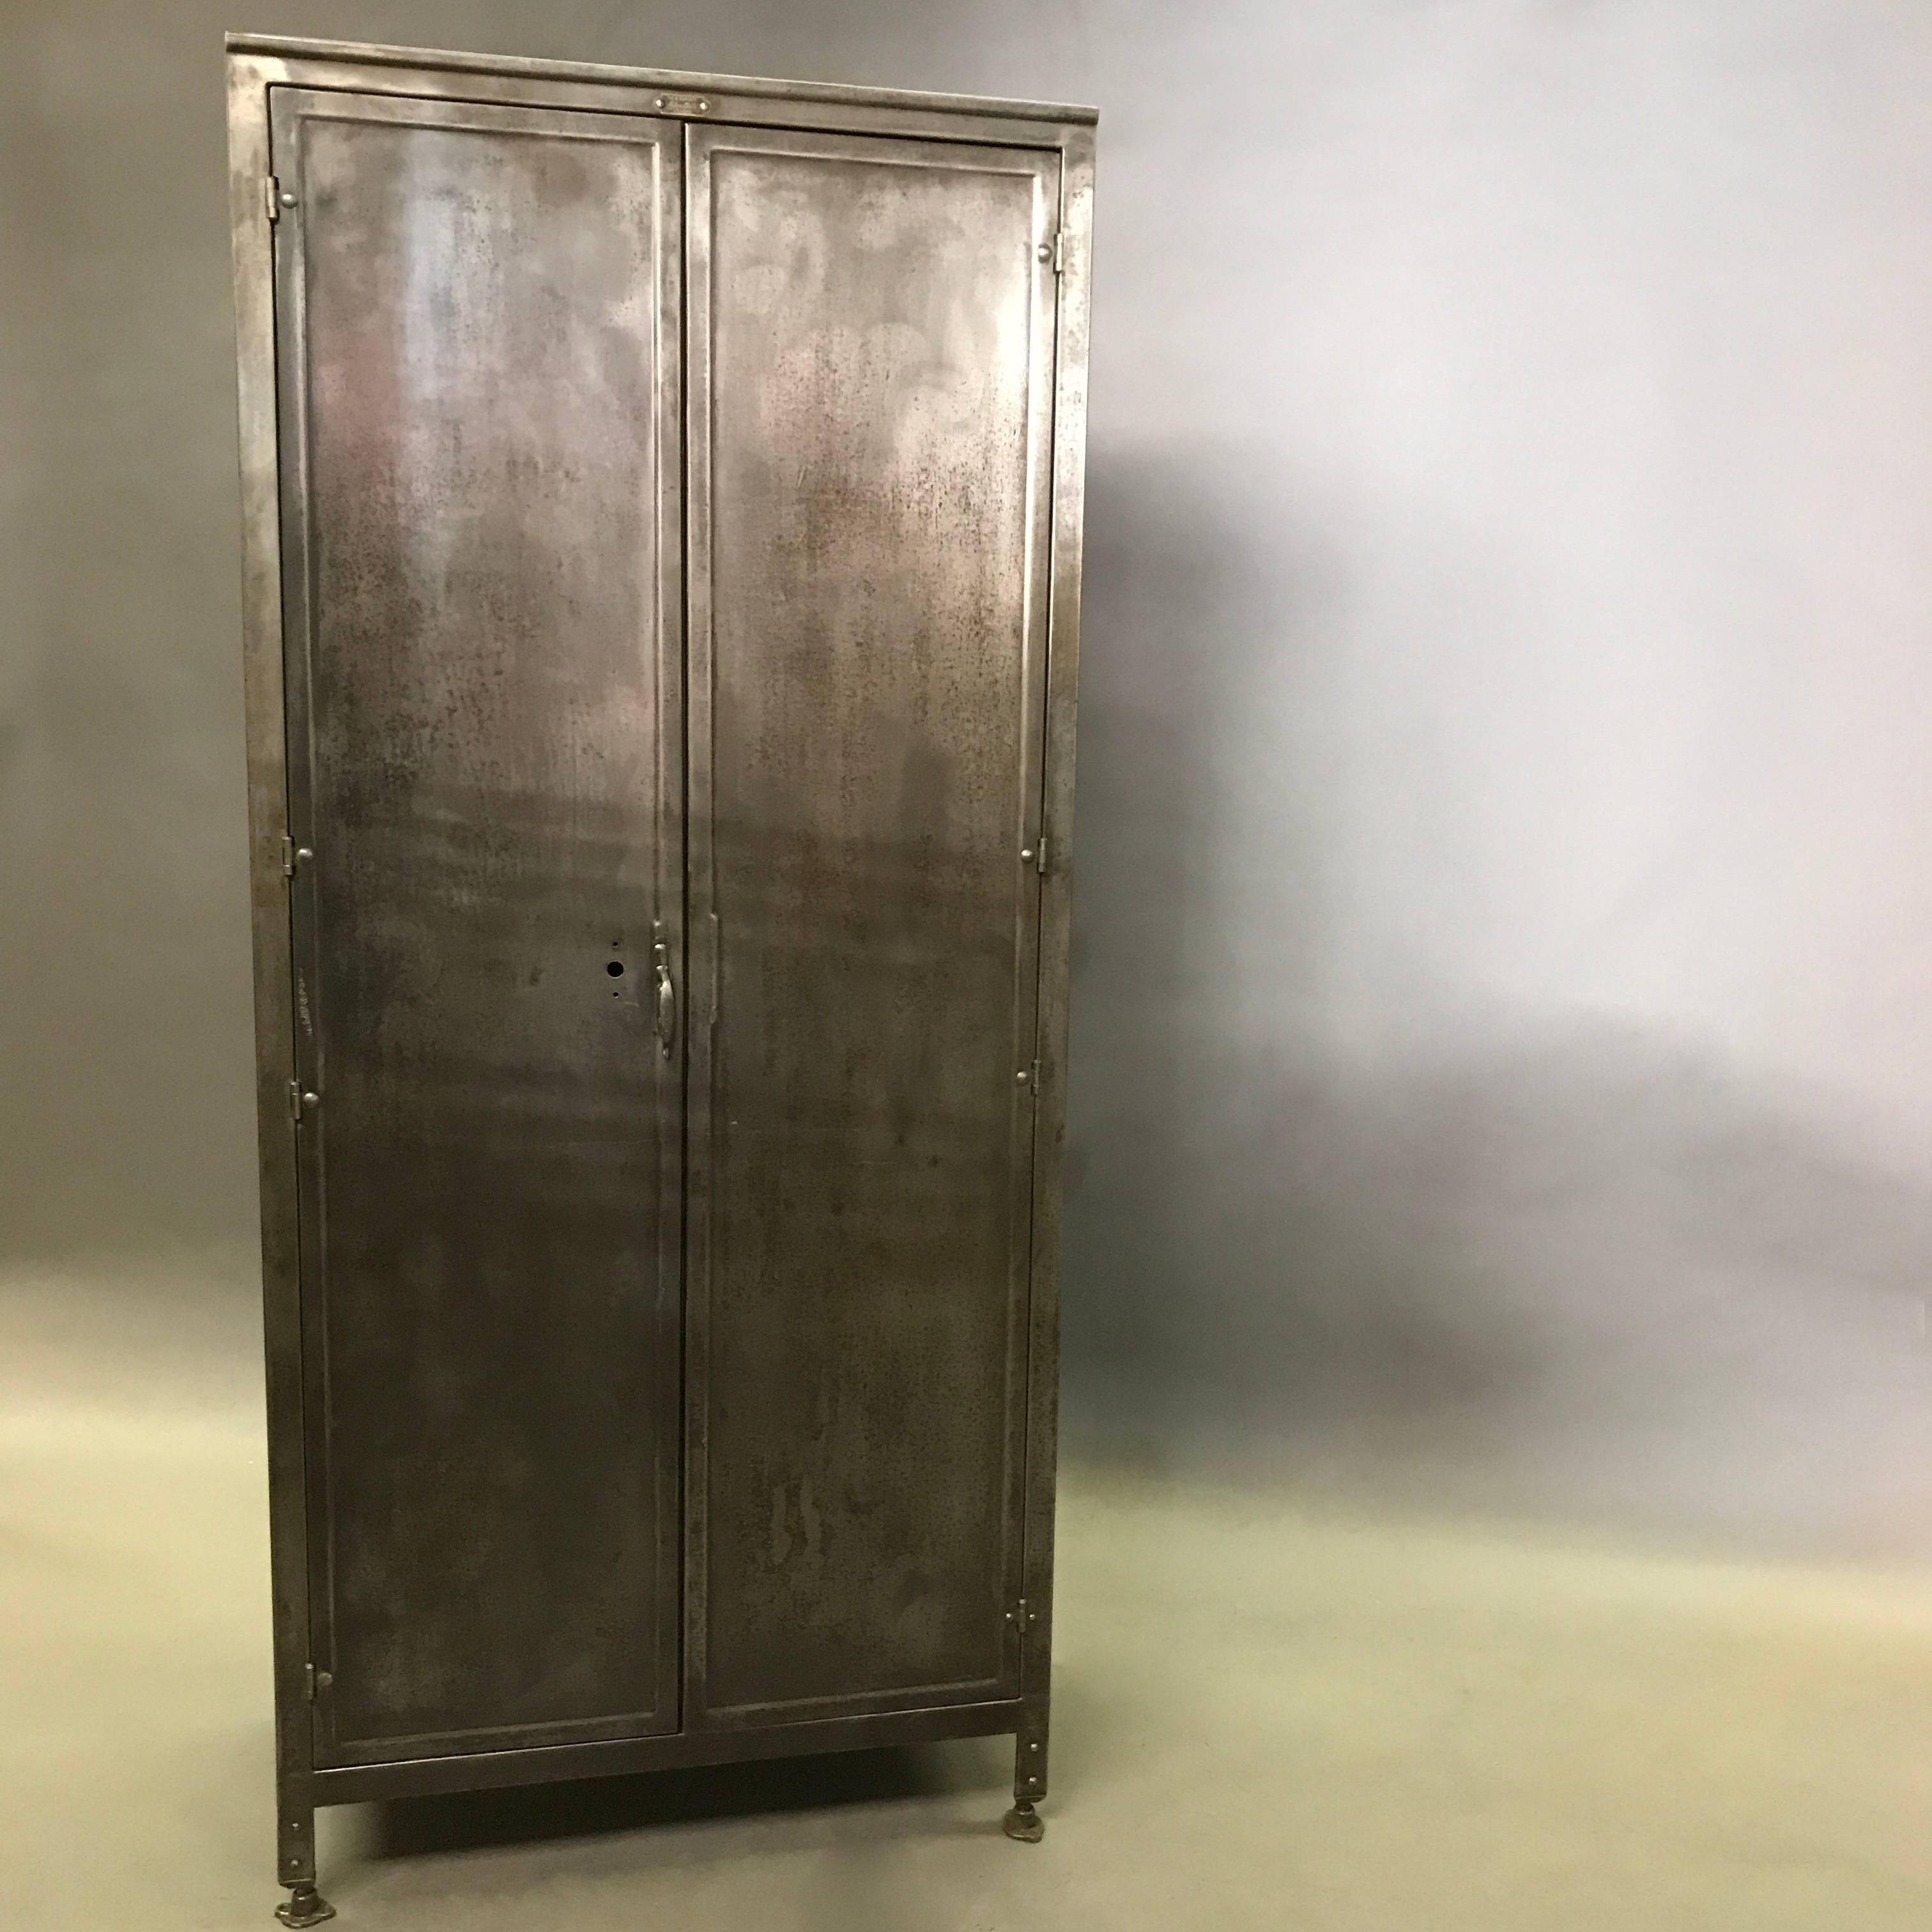 American Industrial Double Door Brushed Steel Medart Steelbilt Armoire  Wardrobe Cabinet For Sale